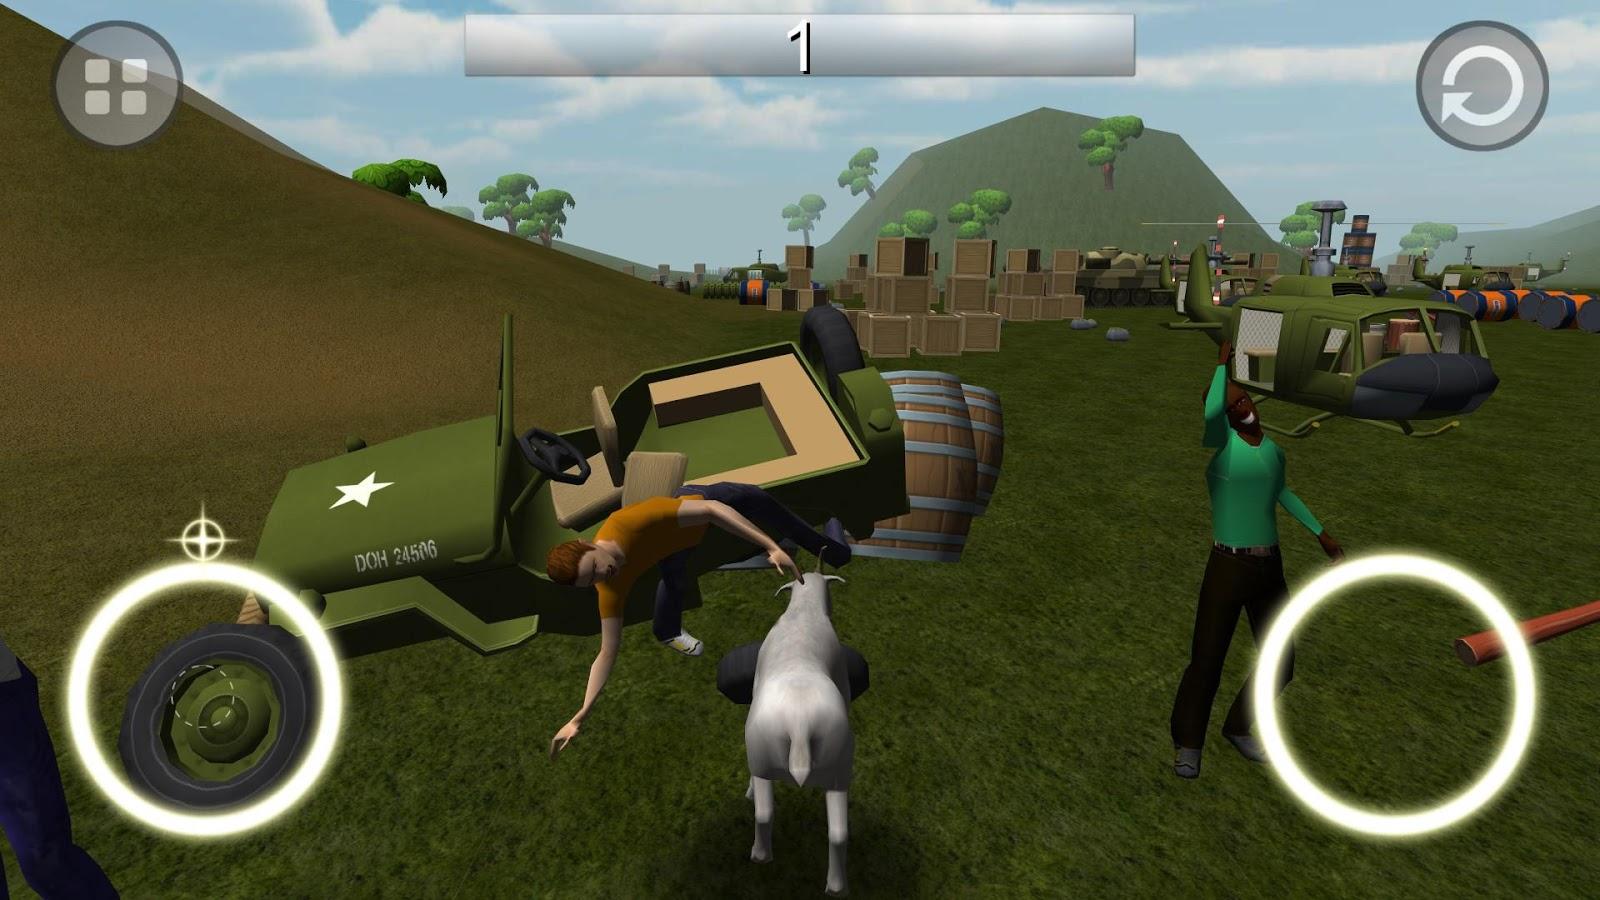 Скачать игры для андроид бесплатно симулятор козла